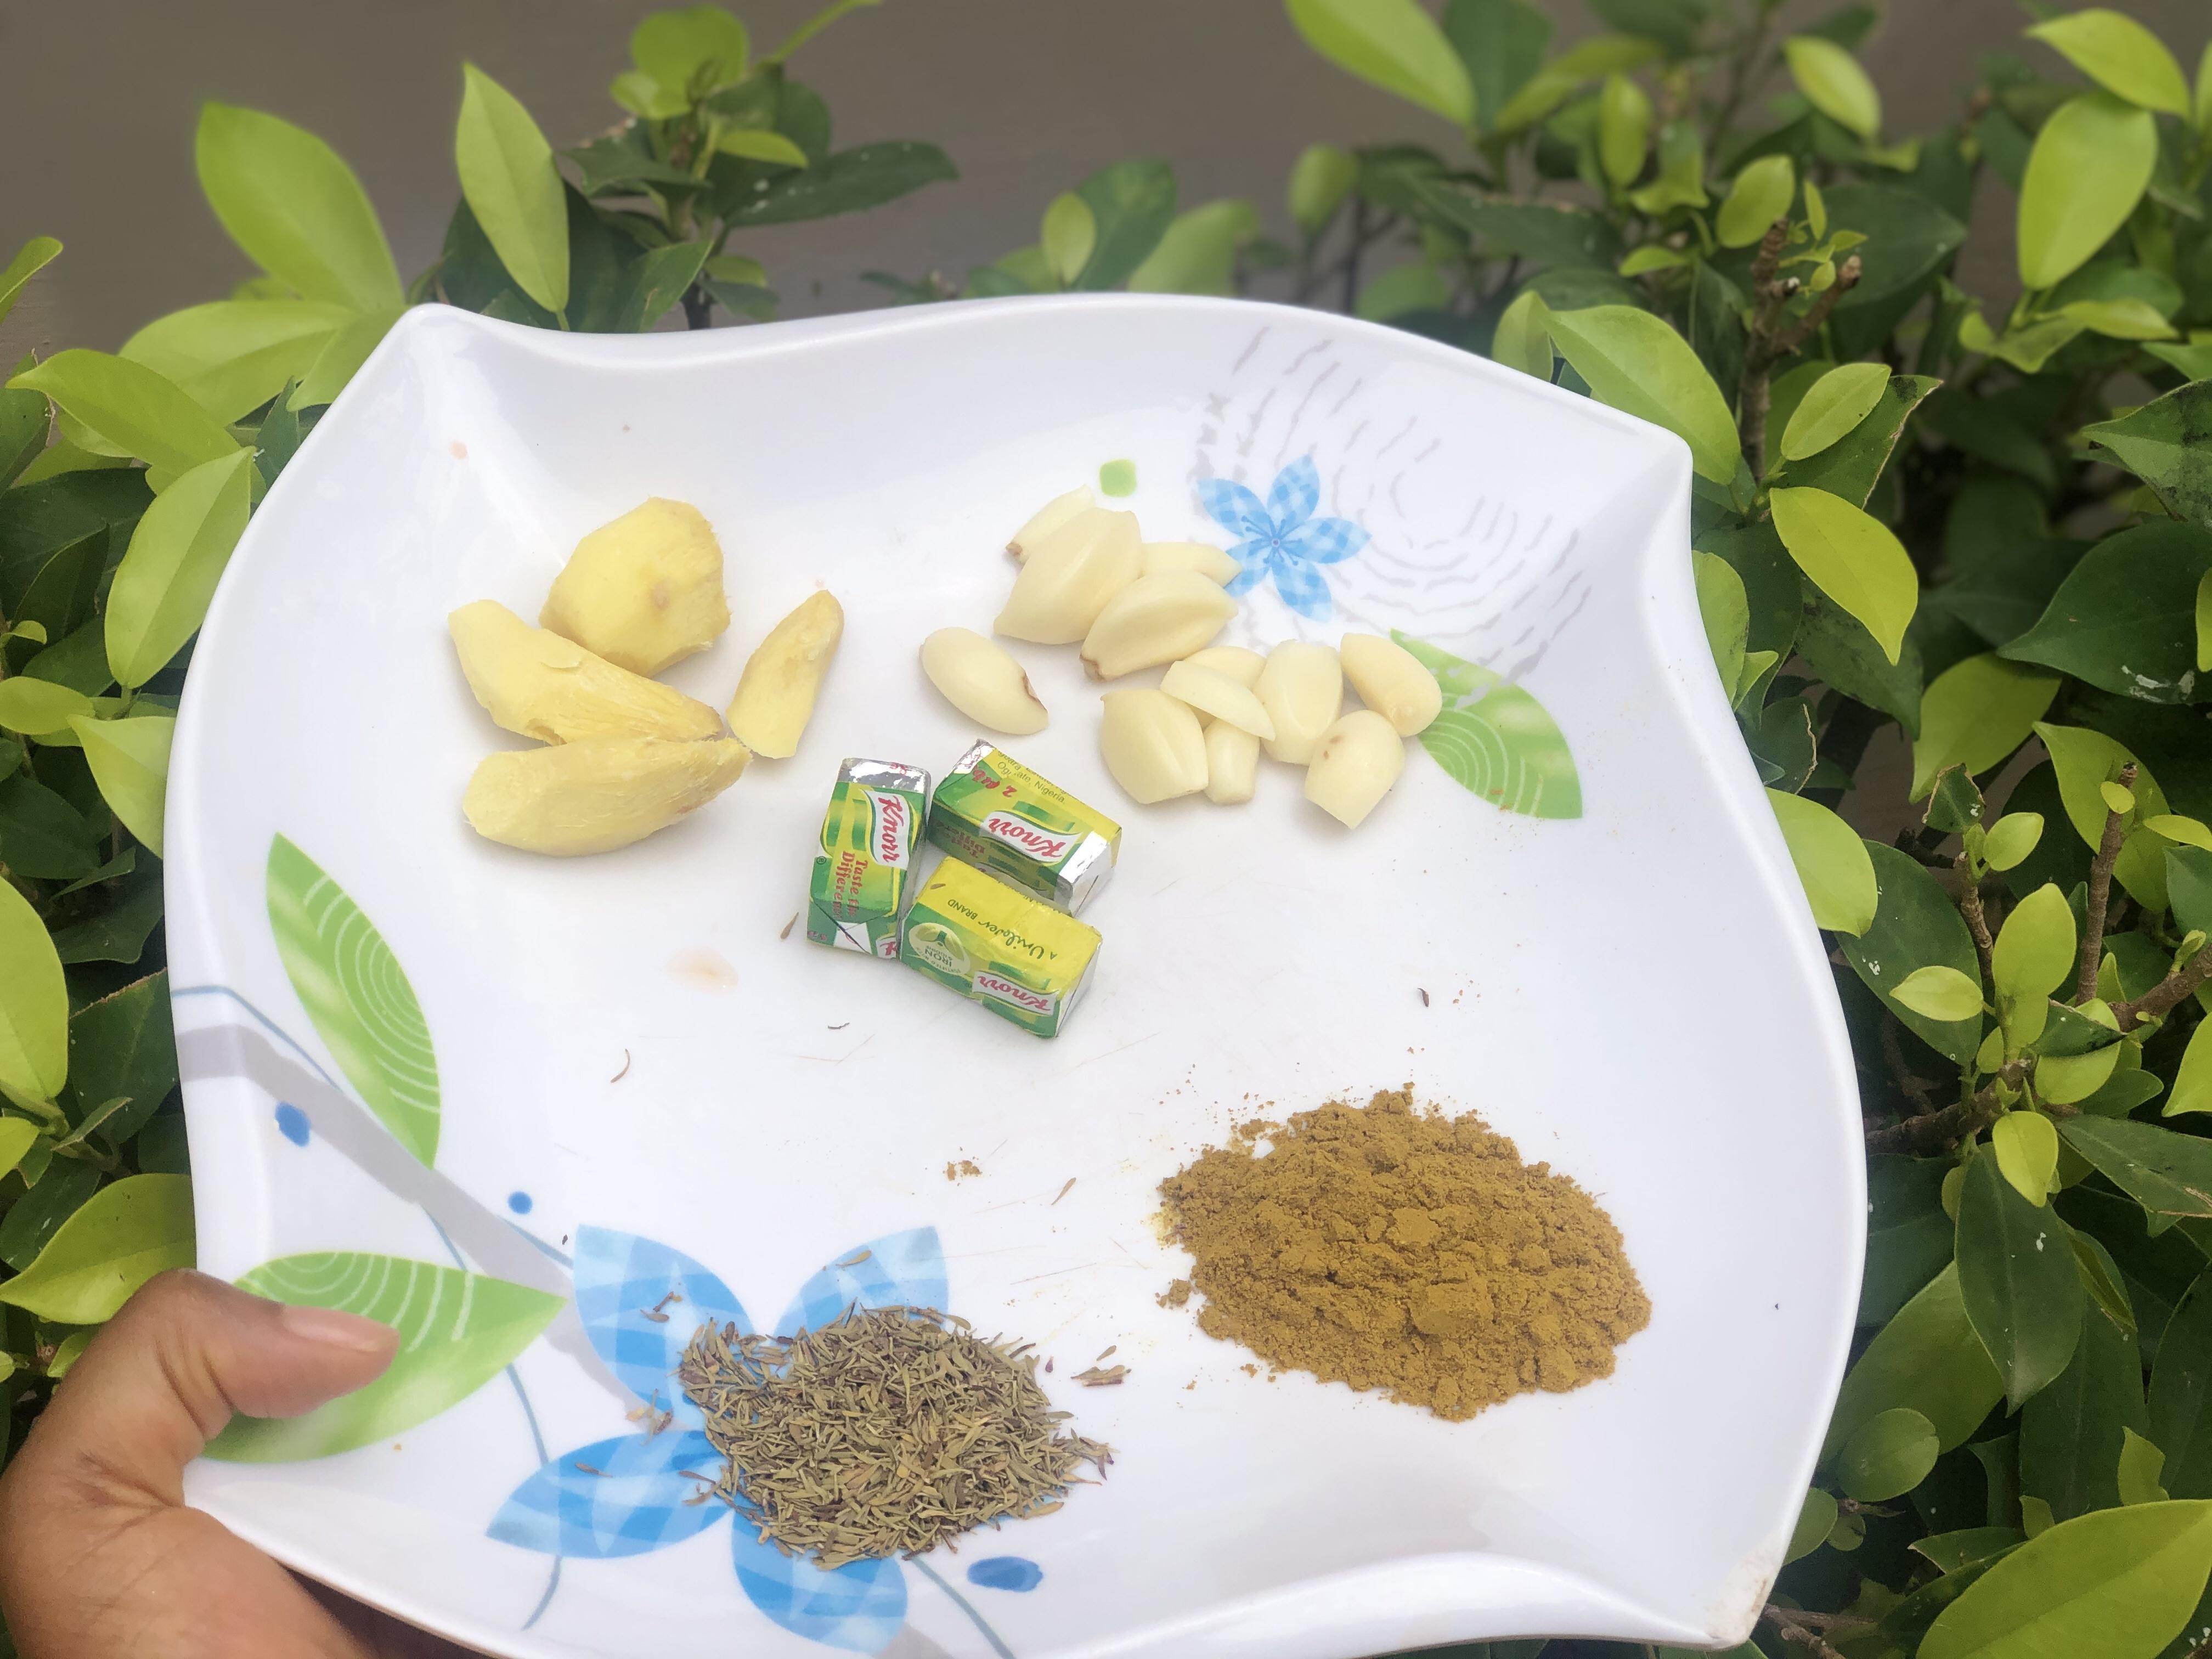 Ginger garlic thyme curry seasoning cubes